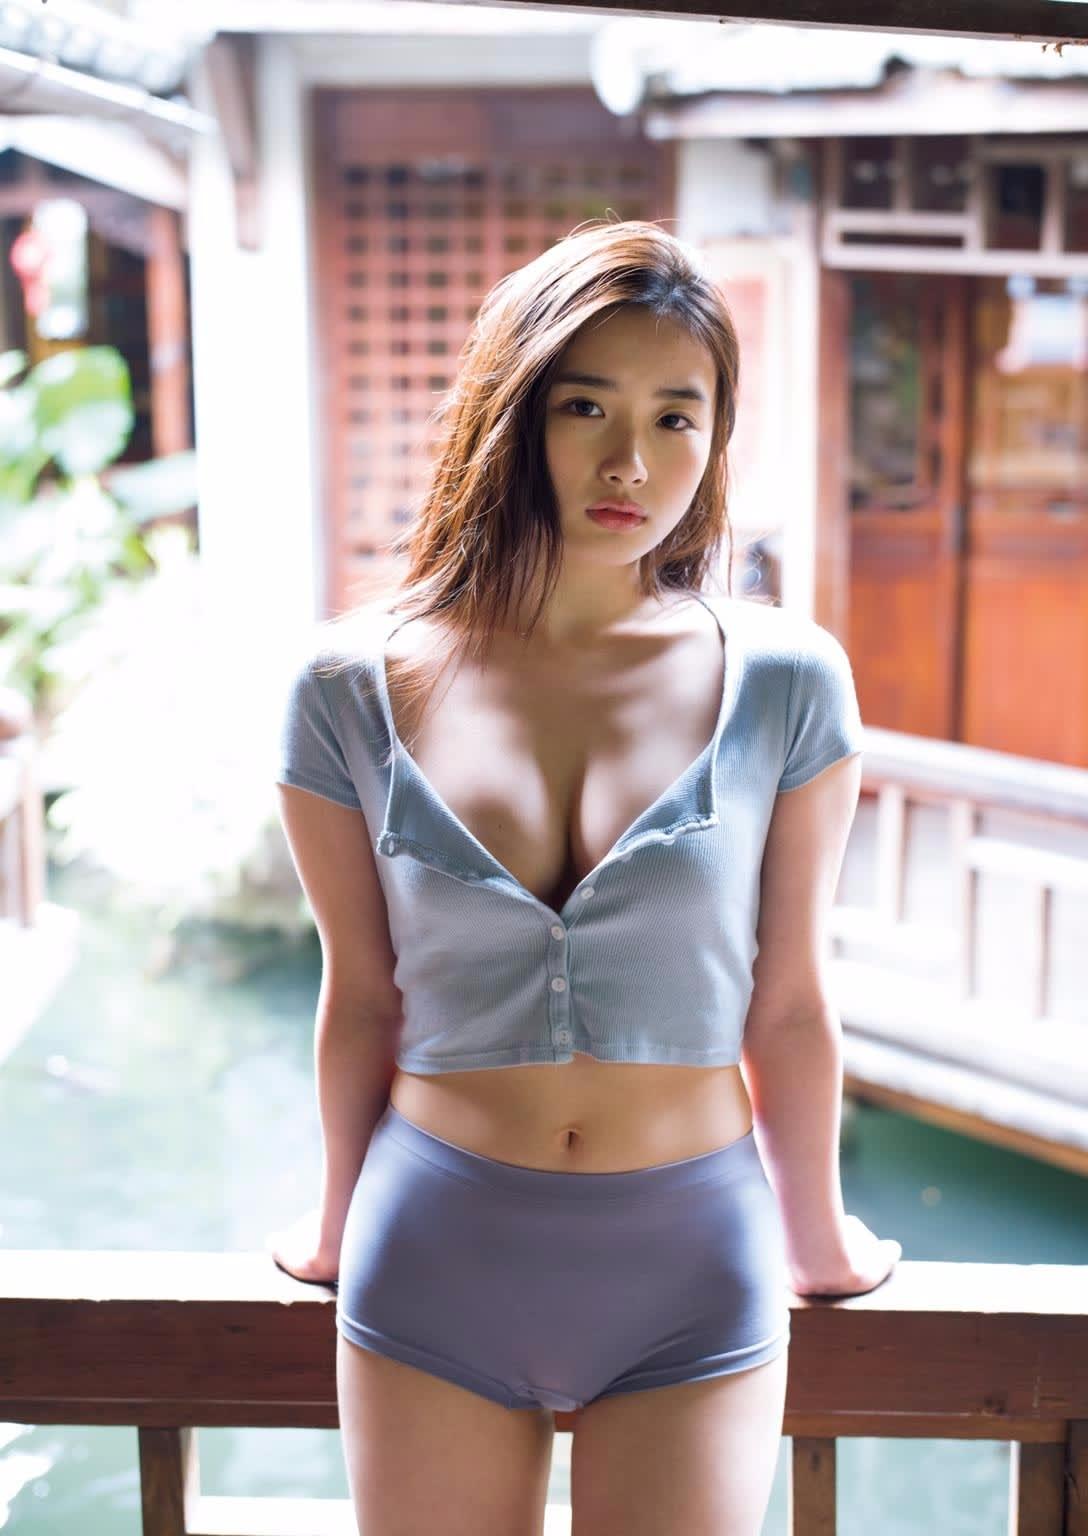 【画像】 『石原さとみ似』 女子高生・安倍乙さん 早速脱がされるw�Dw�Dw�Dw�Dw�Dw�D  [362525656]YouTube動画>3本 ->画像>87枚